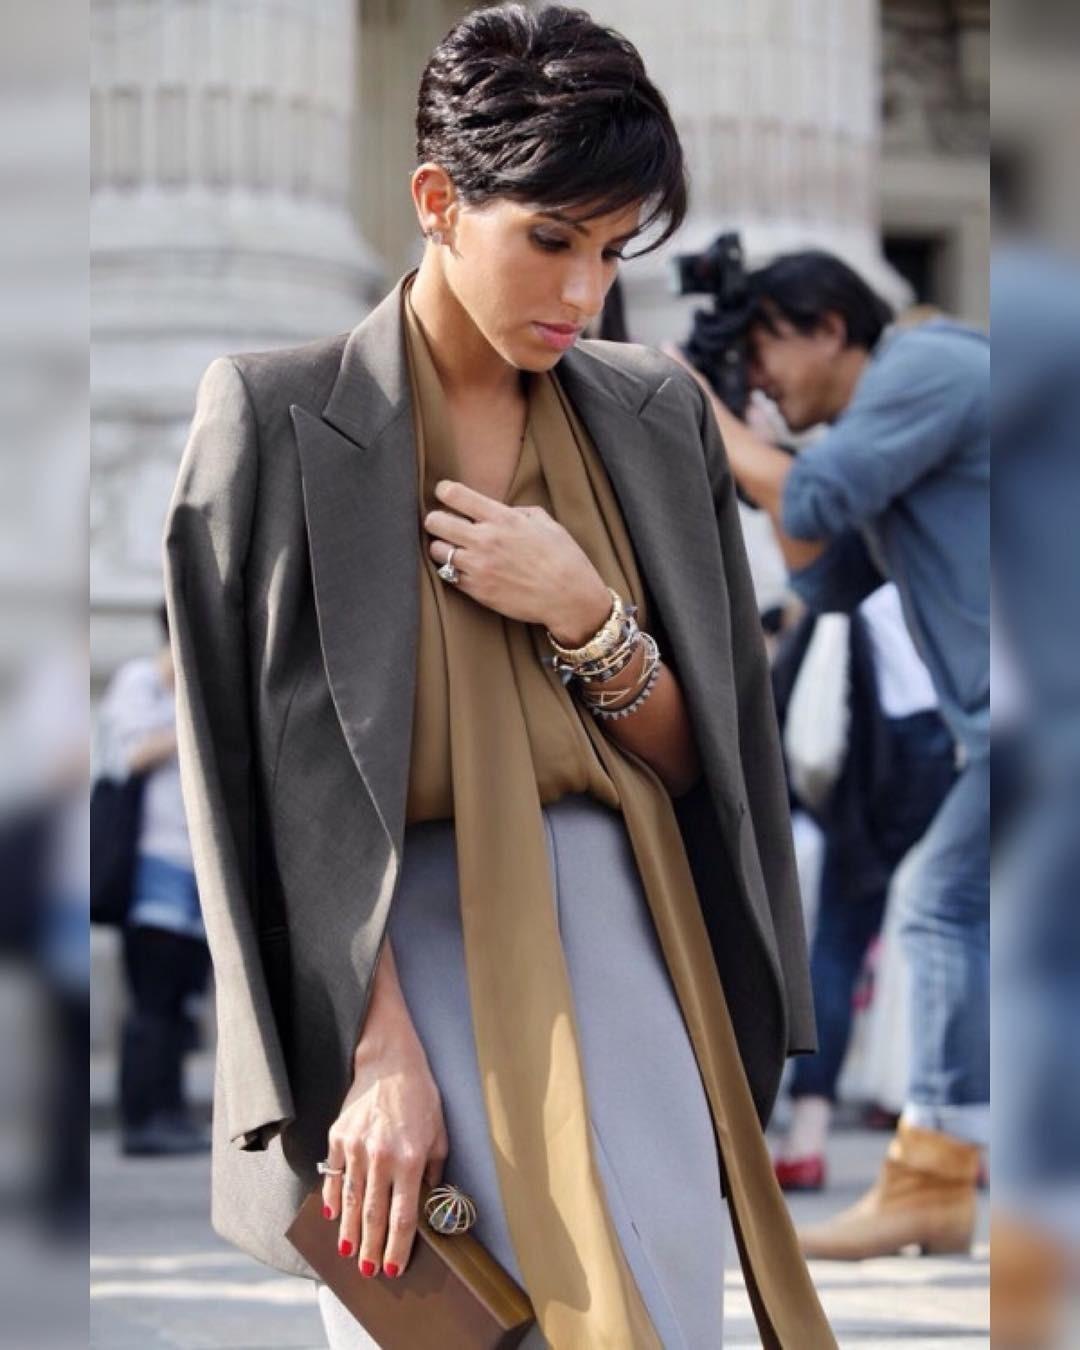 Принцесса виртуозно сочетает модные традиции Востока иЗапада. Предпочитает среднюю длину имодели оверсайз, играет спричудливыми силуэтами, миксует казалось бы несочетаемые цвета, ткани...